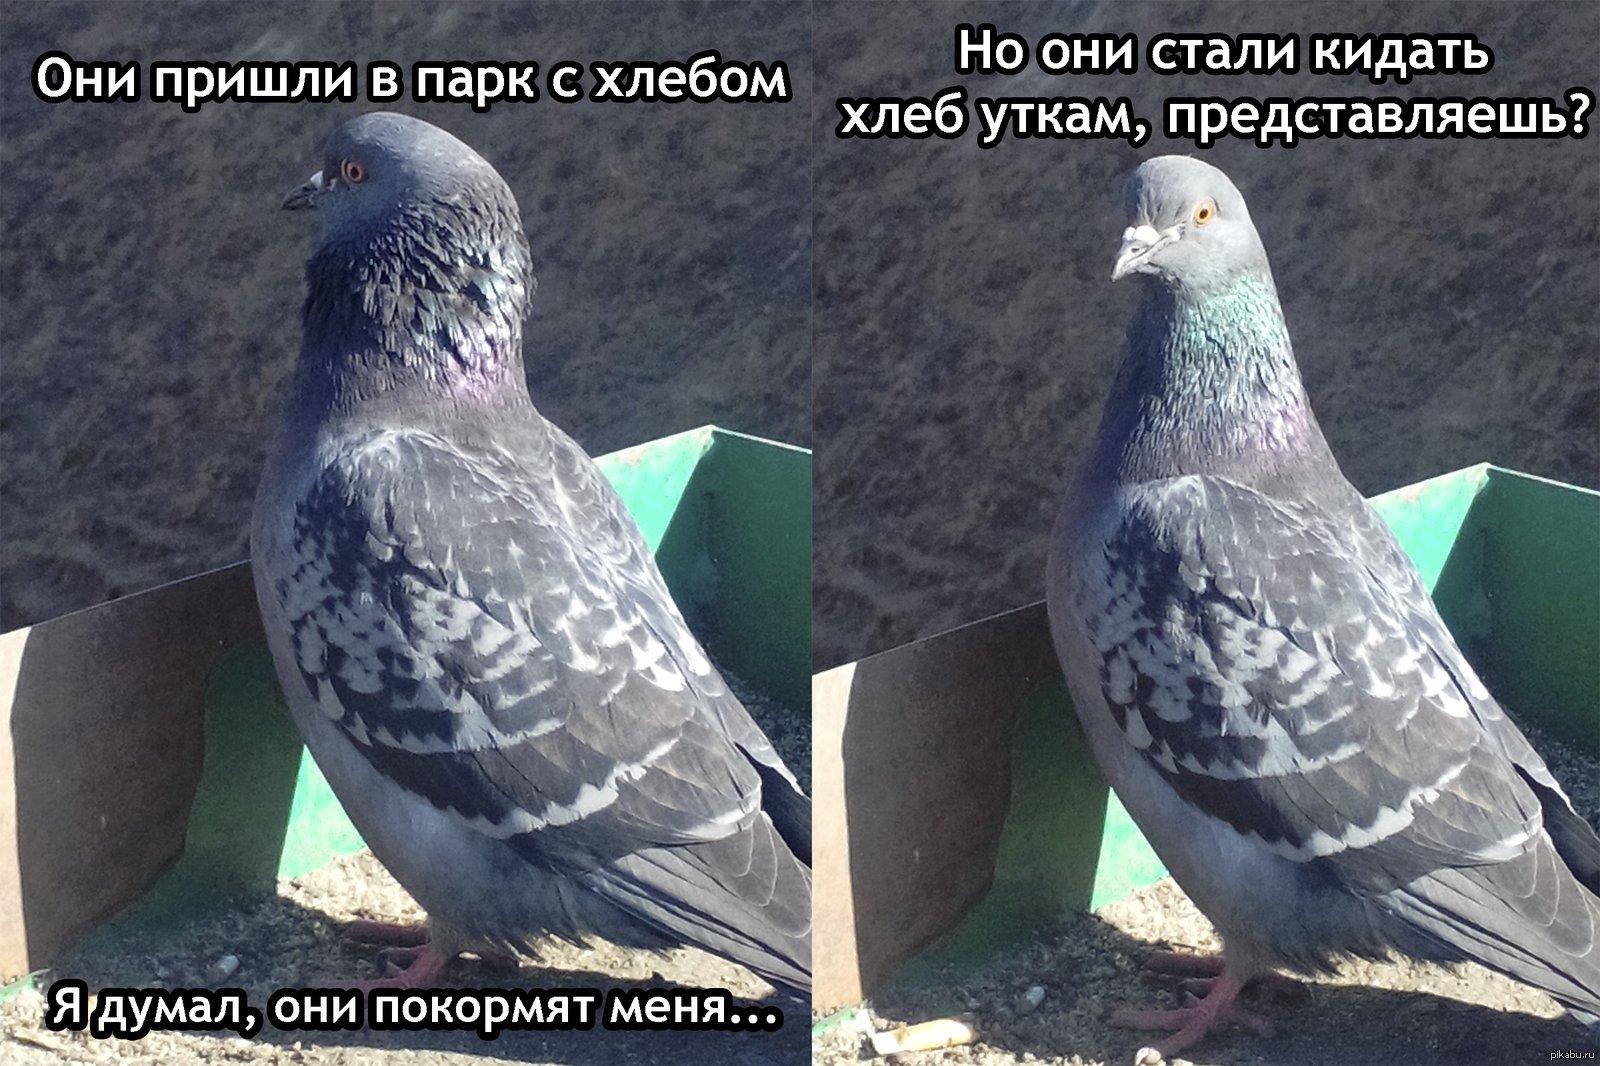 Картинки прикольные про голубей с надписью, рисунок открытка днем